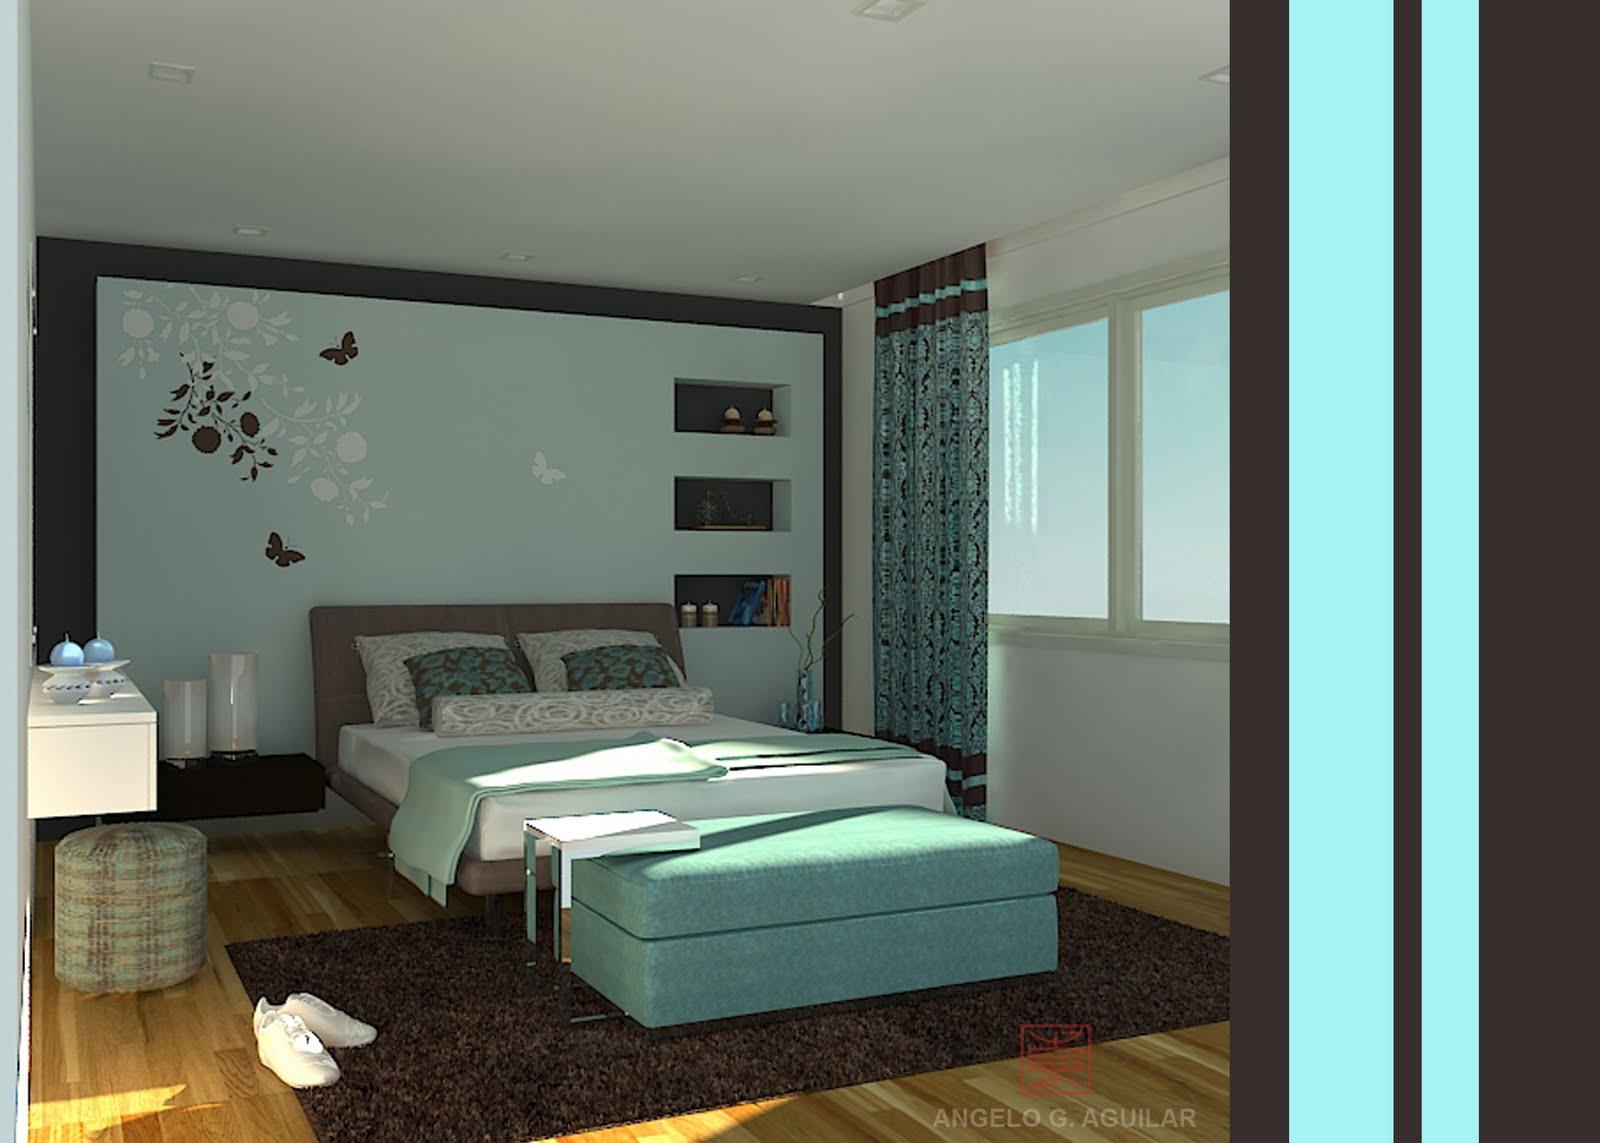 Stunning Turquoise Bedroom Designs 1600 x 1143 · 141 kB · jpeg